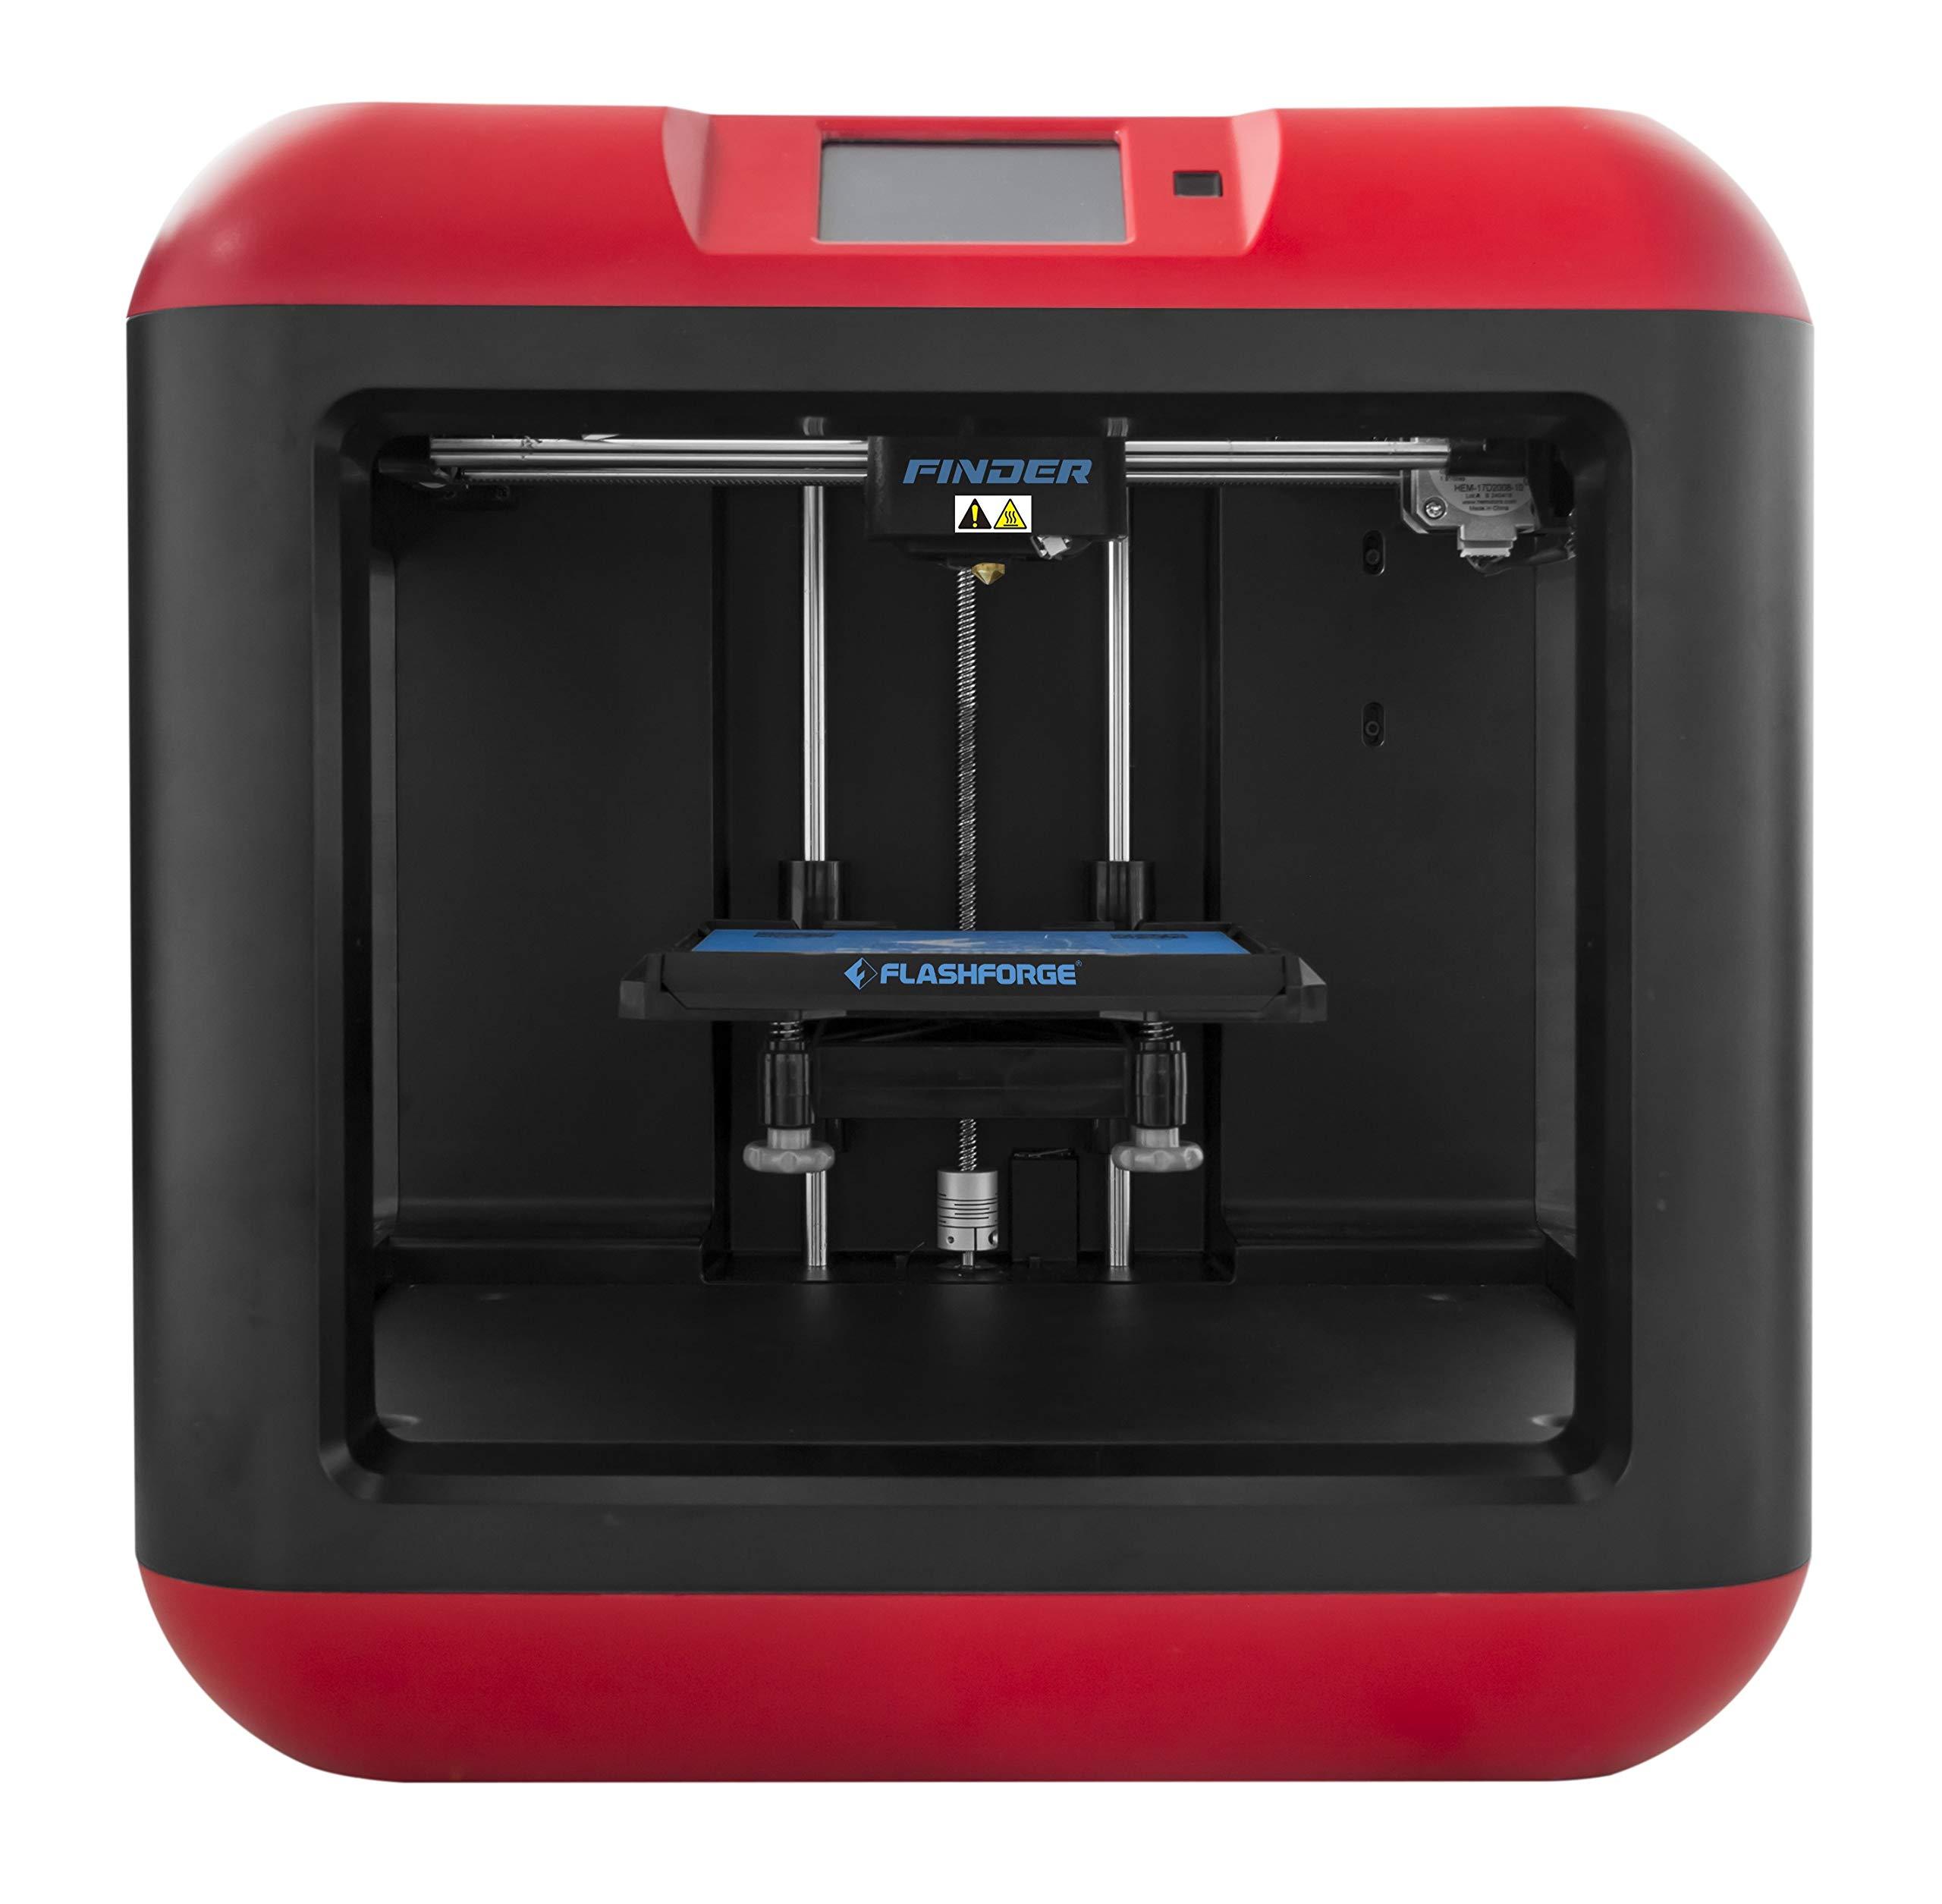 Flash Forge Flash Forge Finder Imprimante 3D